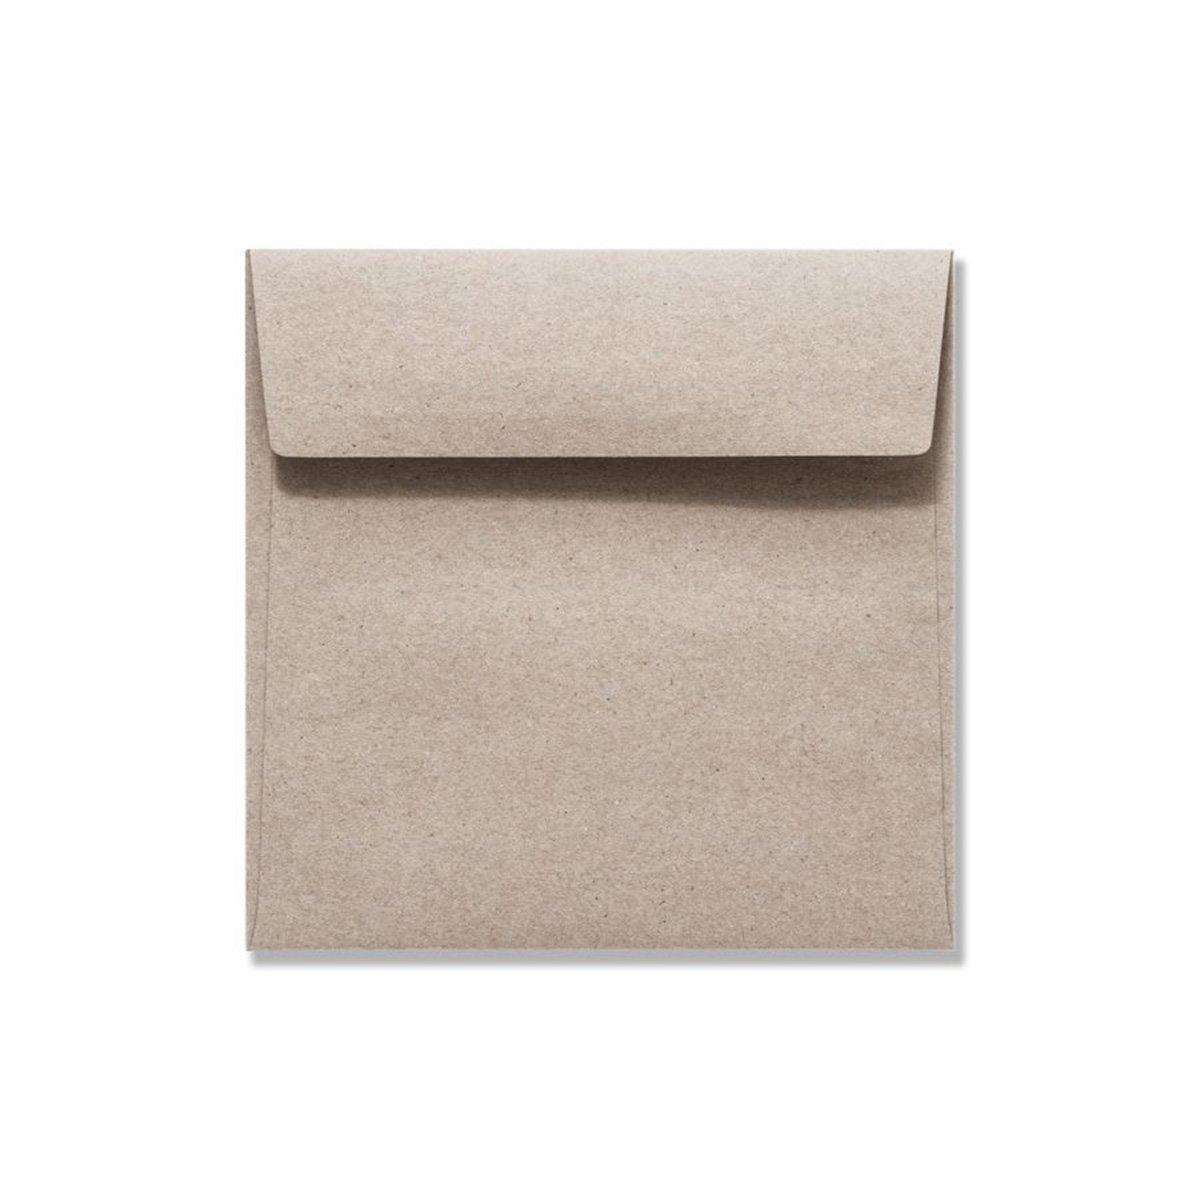 150 SETS Kartenpaket quadratisch 16 x 16 cm I 50x 50x 50x Faltkarten, Recycling - Naturfarbe braun I 50x Umschläge in Naturfarbe wüstenbraun B07P5T173X | Jeder beschriebene Artikel ist verfügbar  aa87ce